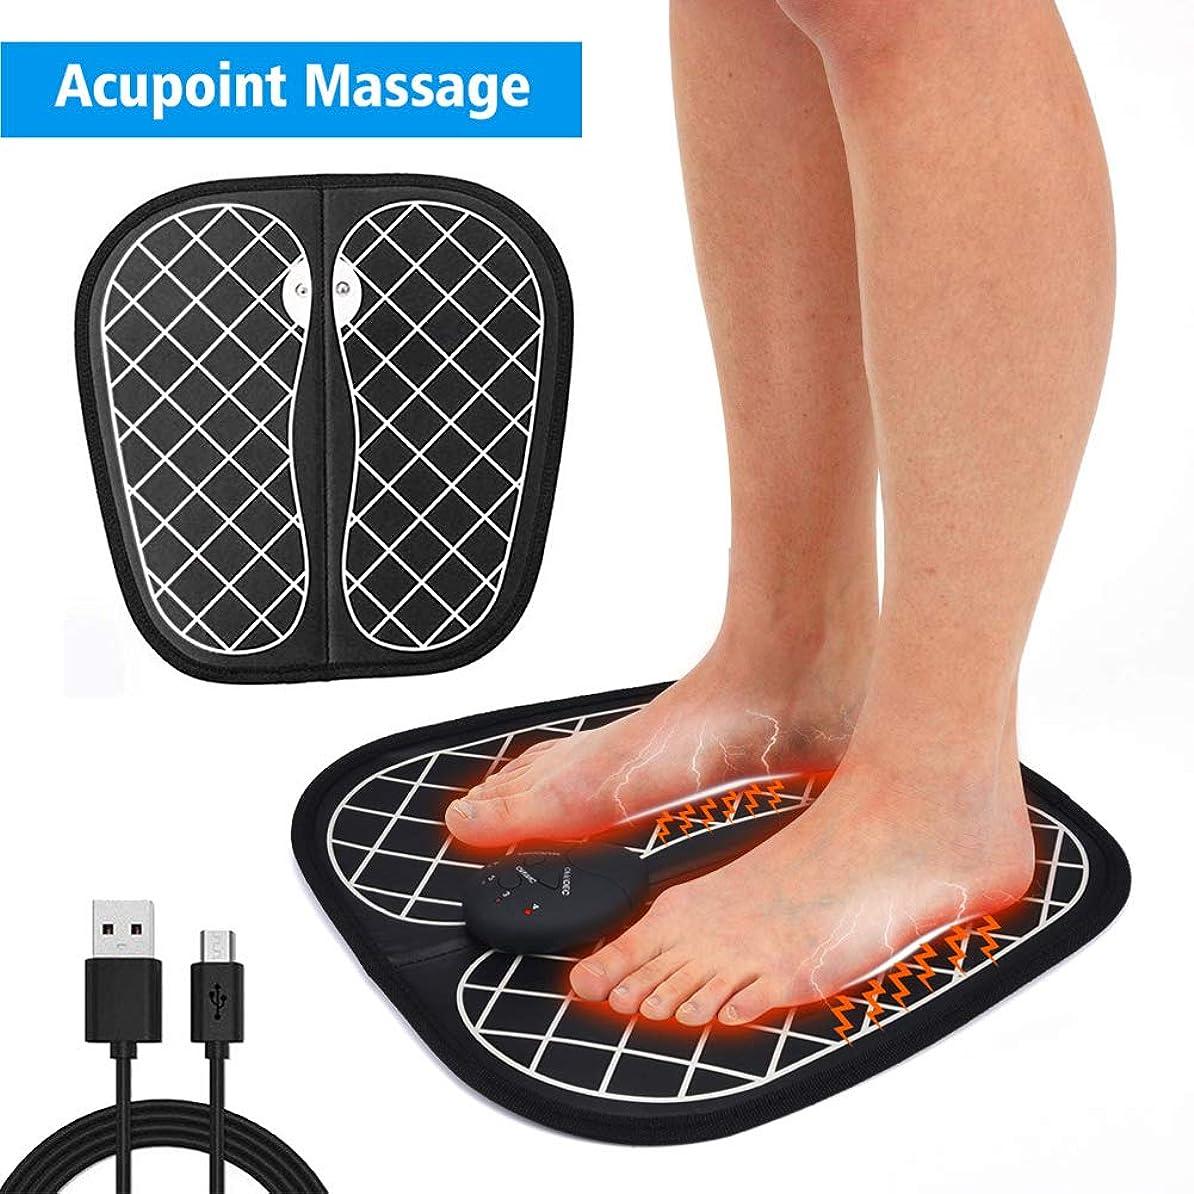 団結する覚醒検出器EMSフットマッサージャー、フットマッサージャー、ABSパッド、USB充電、リラクゼーション、血液循環の促進、足の疲労の緩和,A